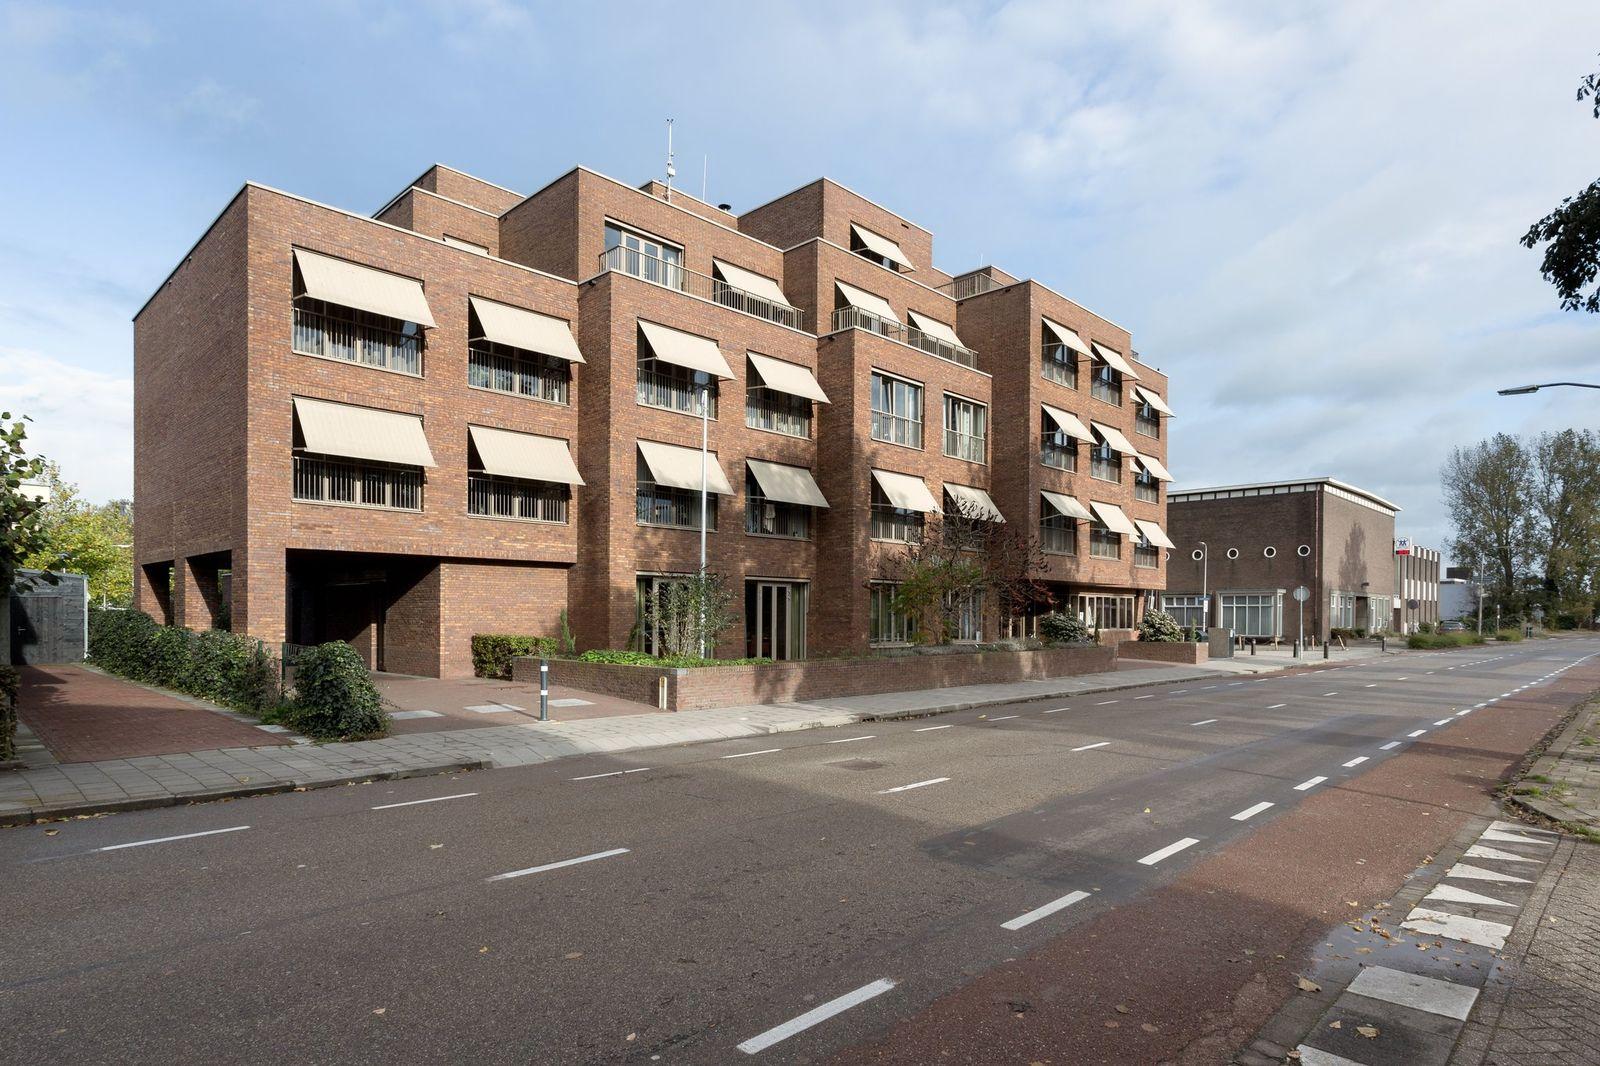 Willem de Zwijgerstraat, Bodegraven